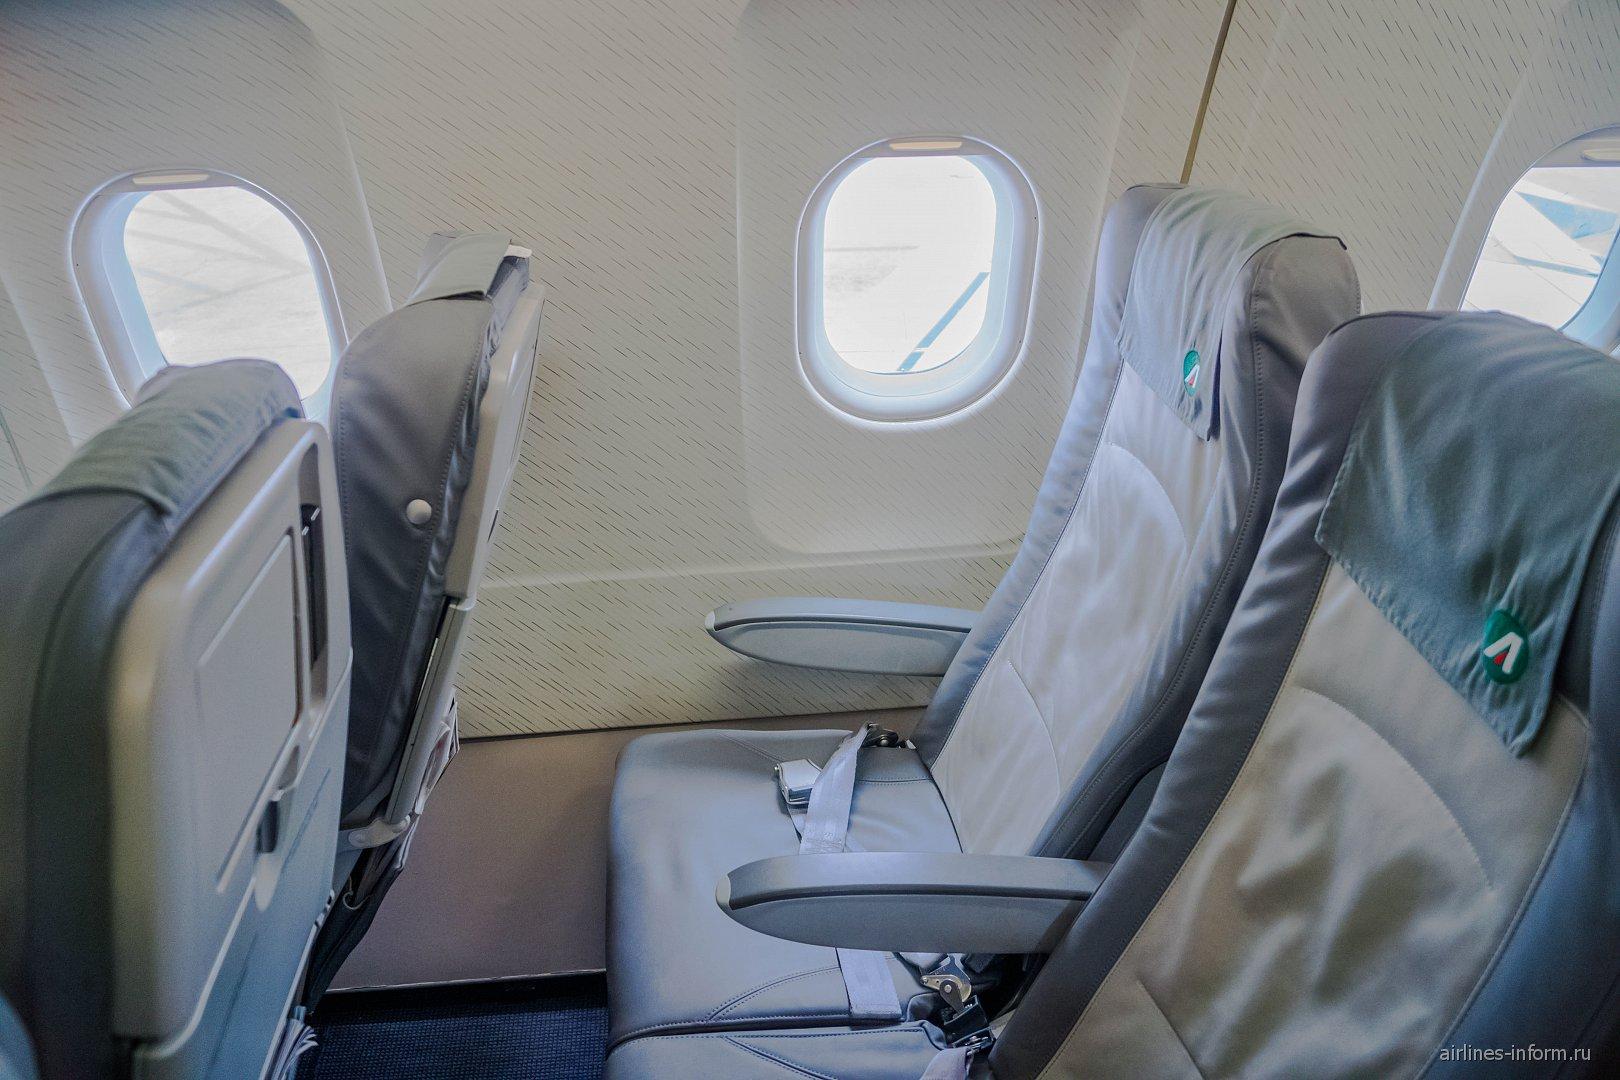 Пассажирские кресла в самолете Airbus A321 авиакомпании Alitalia